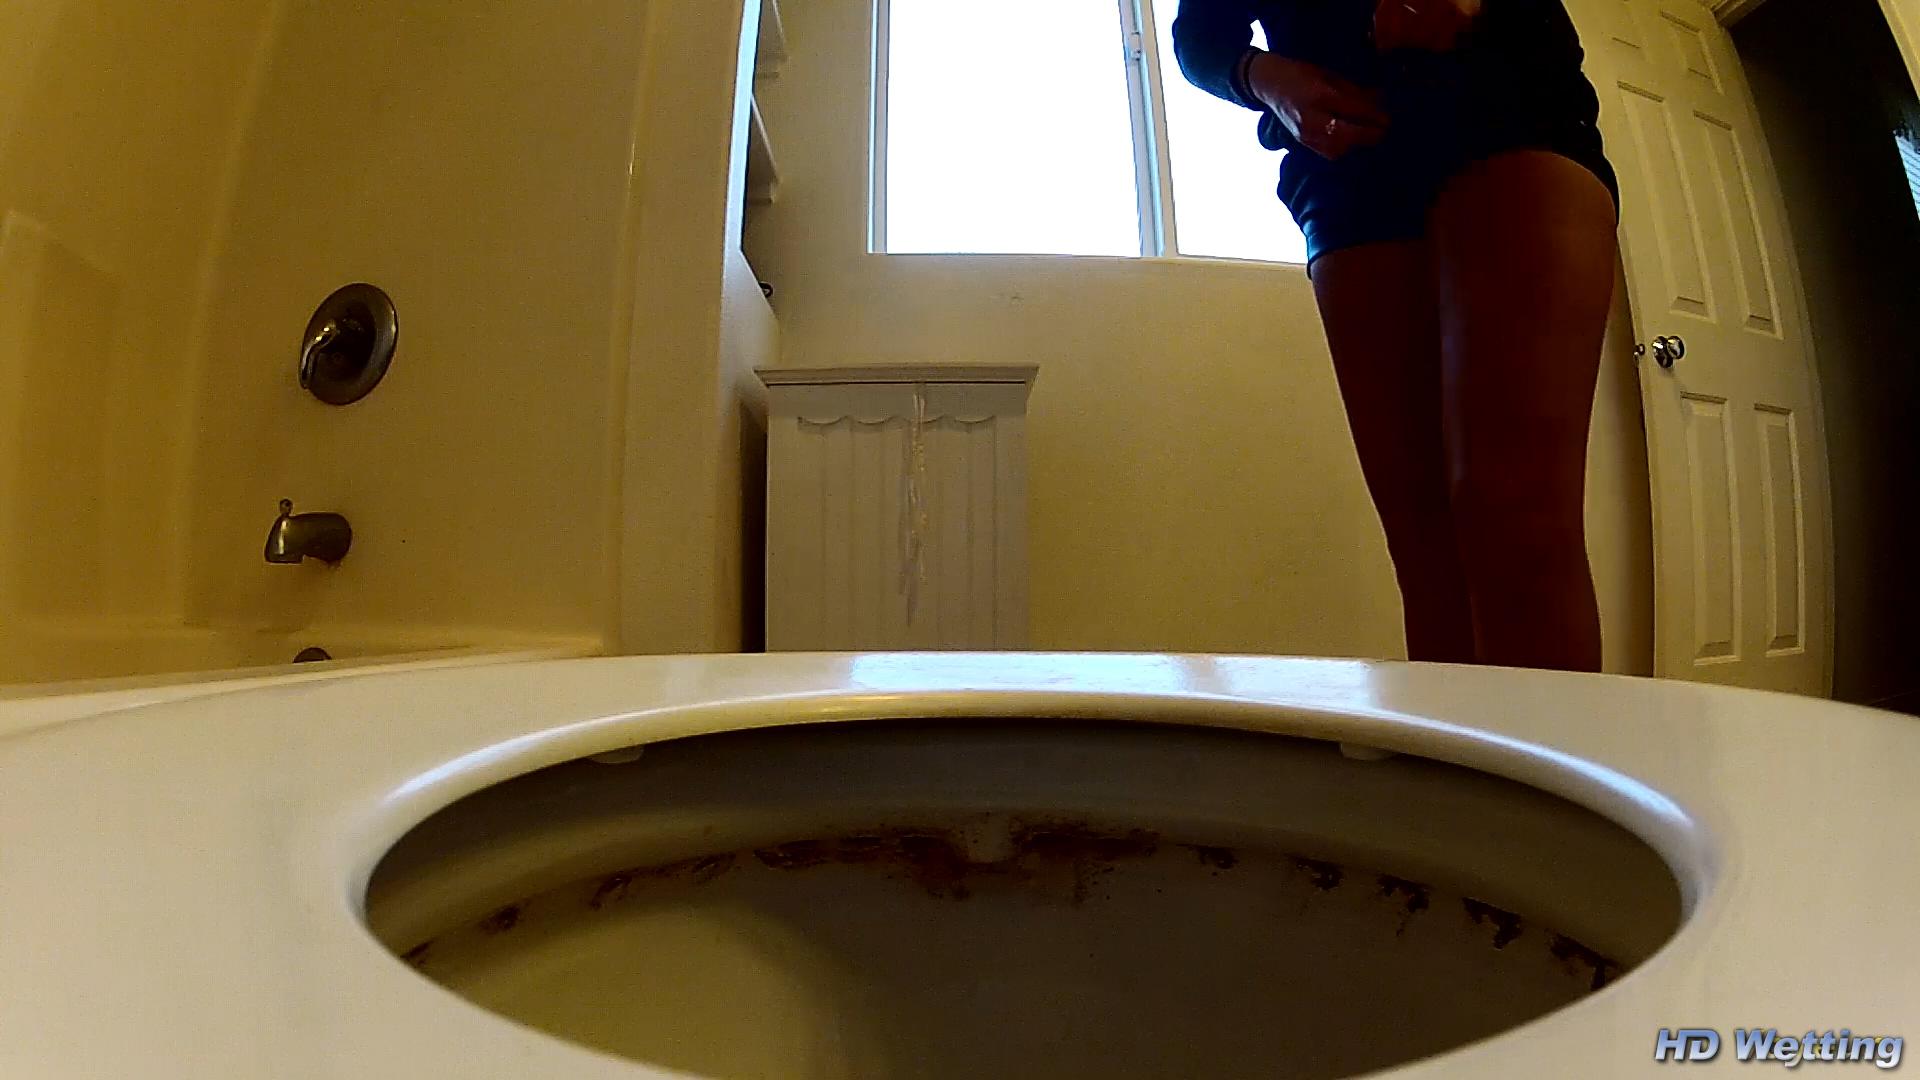 Public Toilet Voyeur Collection  HD Wetting